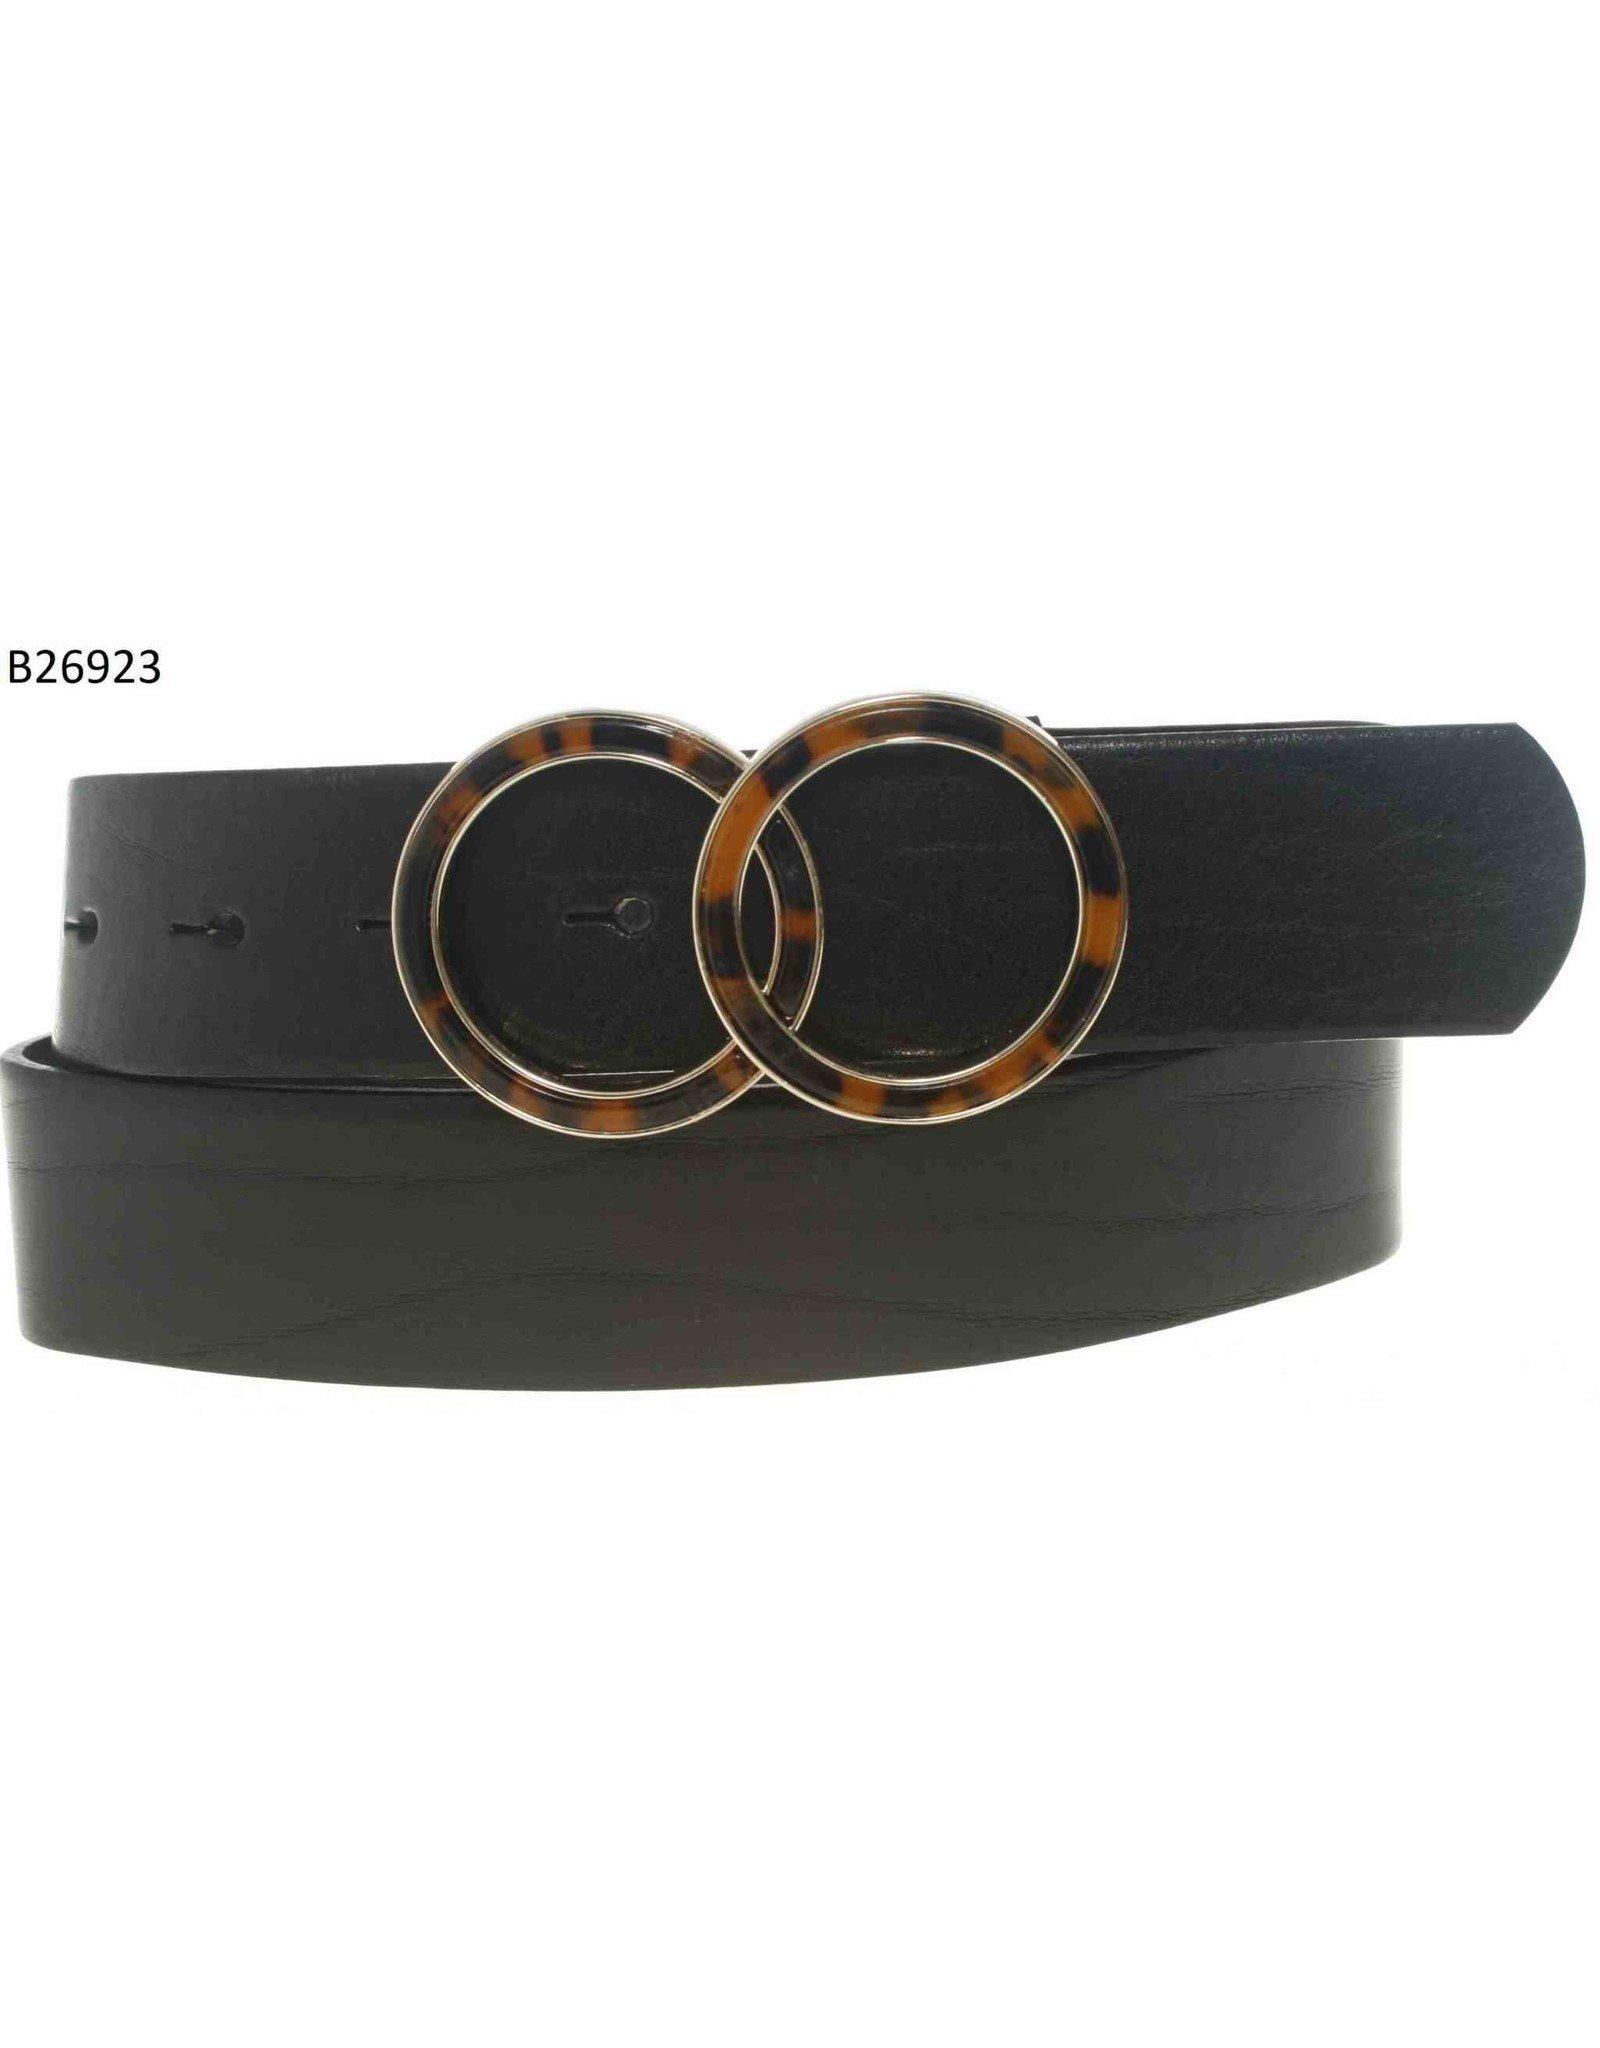 Medike Landes Medike Landes - Portia leather belt with tortoise shell accent